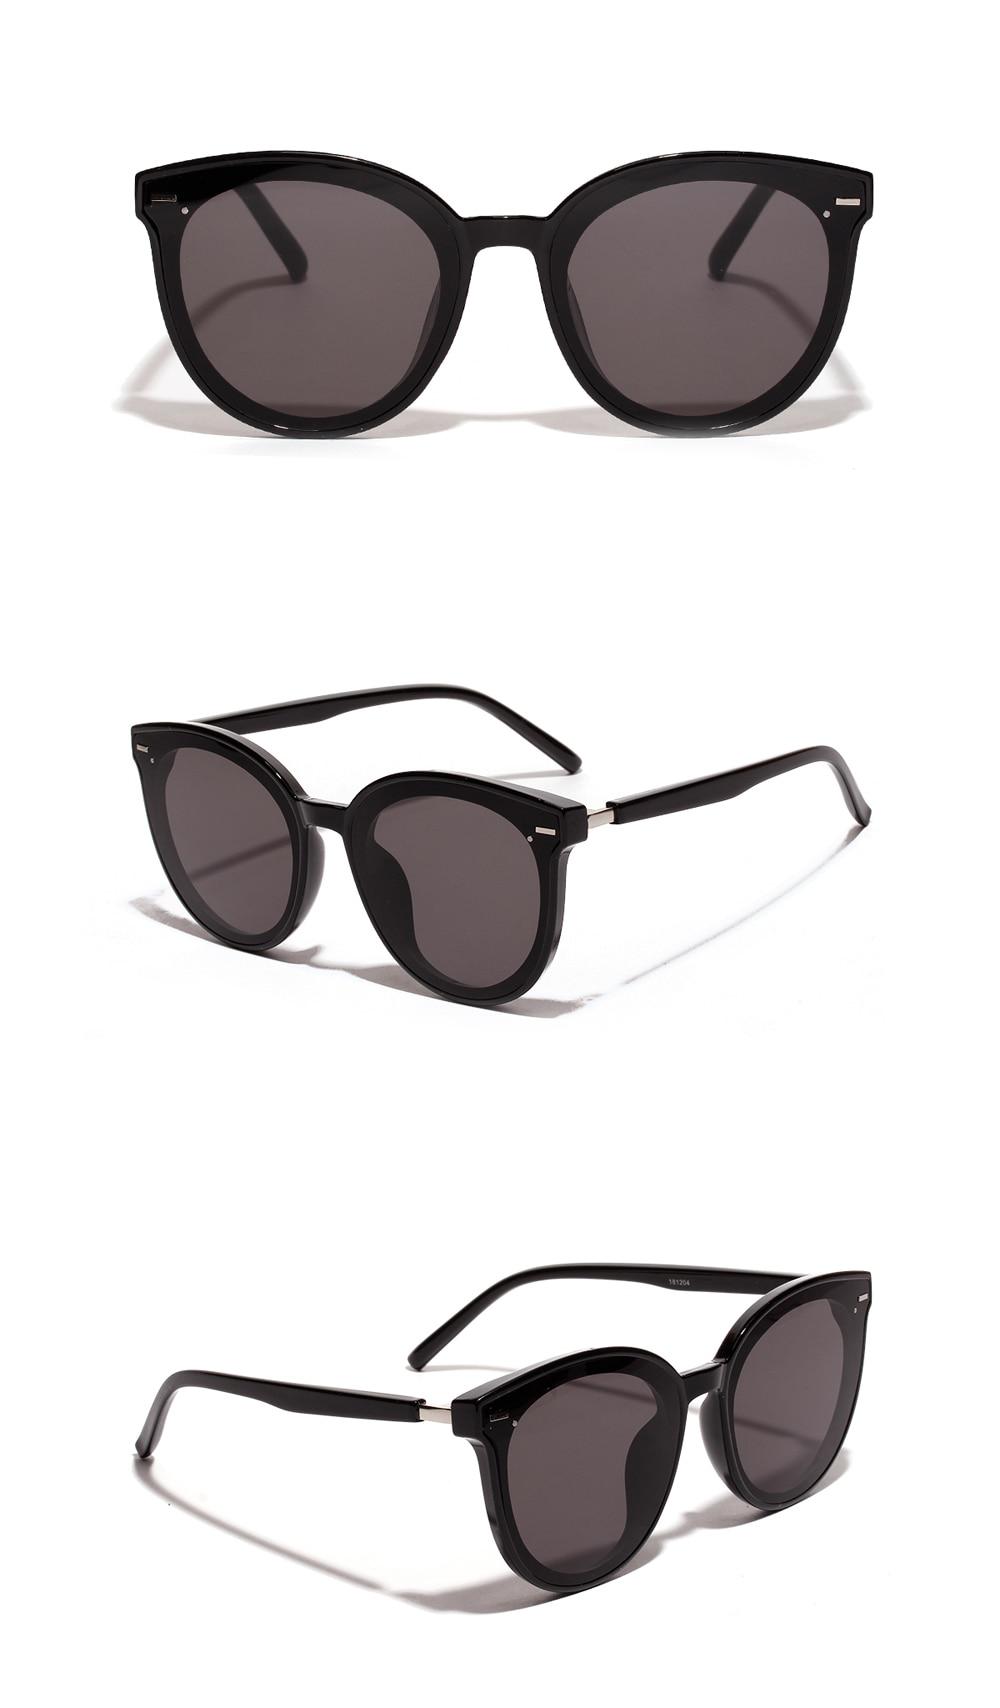 gafas de sol de gran tamaño 2081 detalles (4)